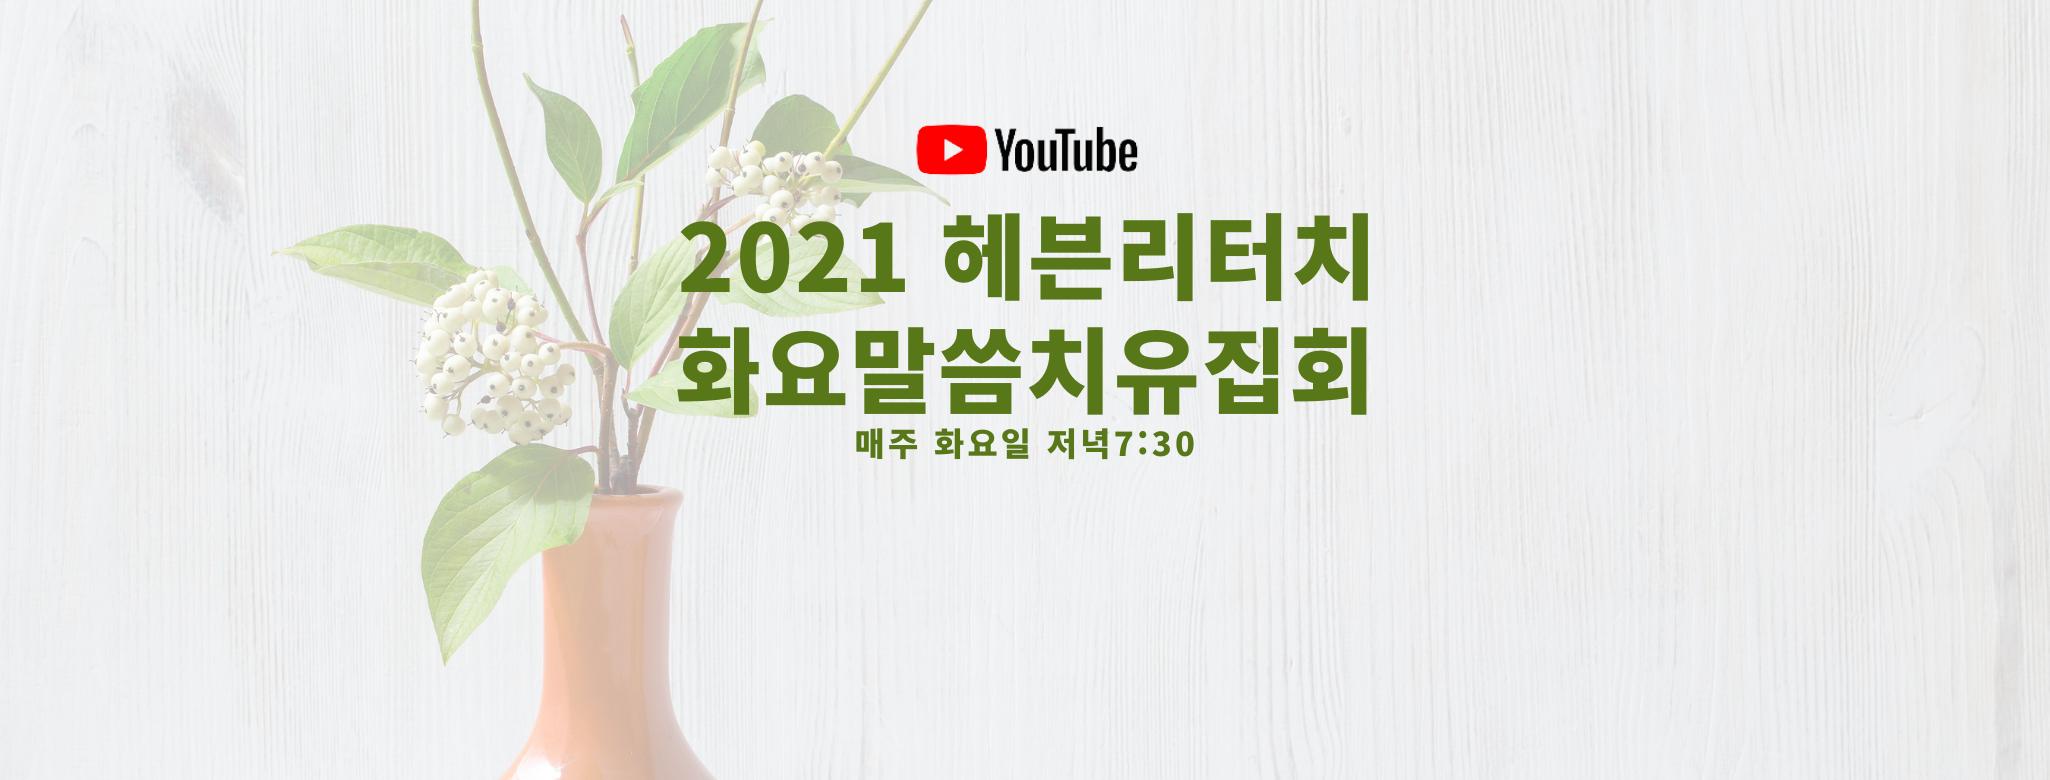 (2021년) 화요말씀치유집회 안내